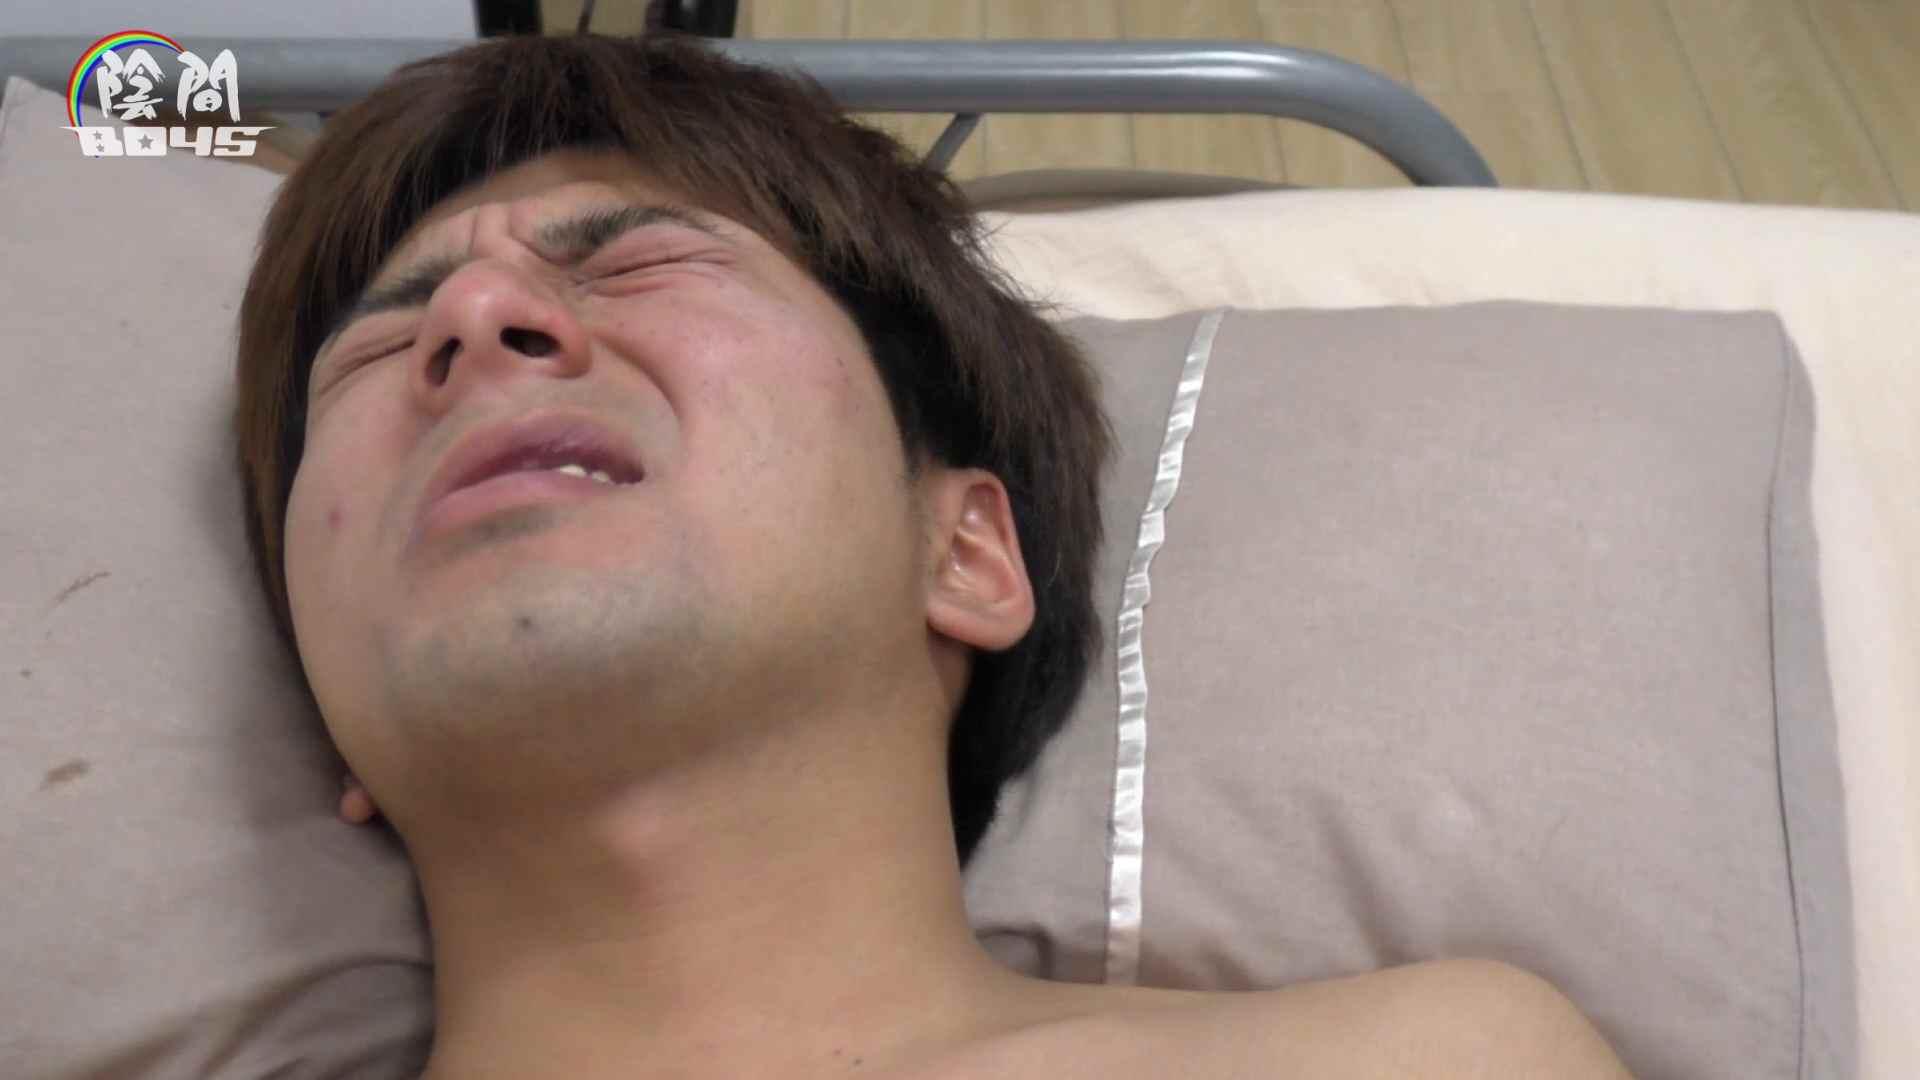 アナルは決して眠らない No.06 アナル舐め ゲイアダルト画像 77pic 75